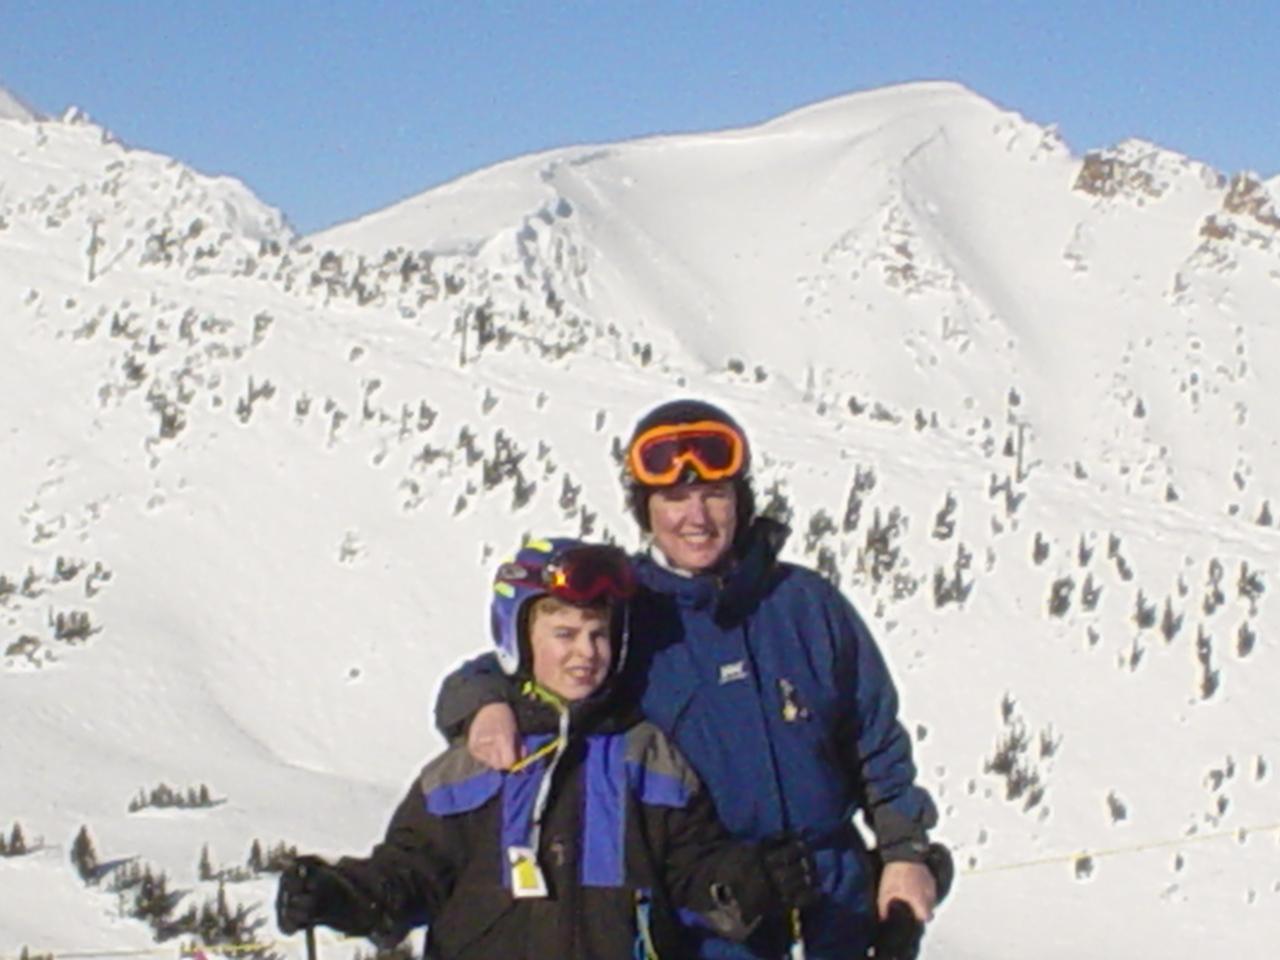 Skiing at Kicking Horse